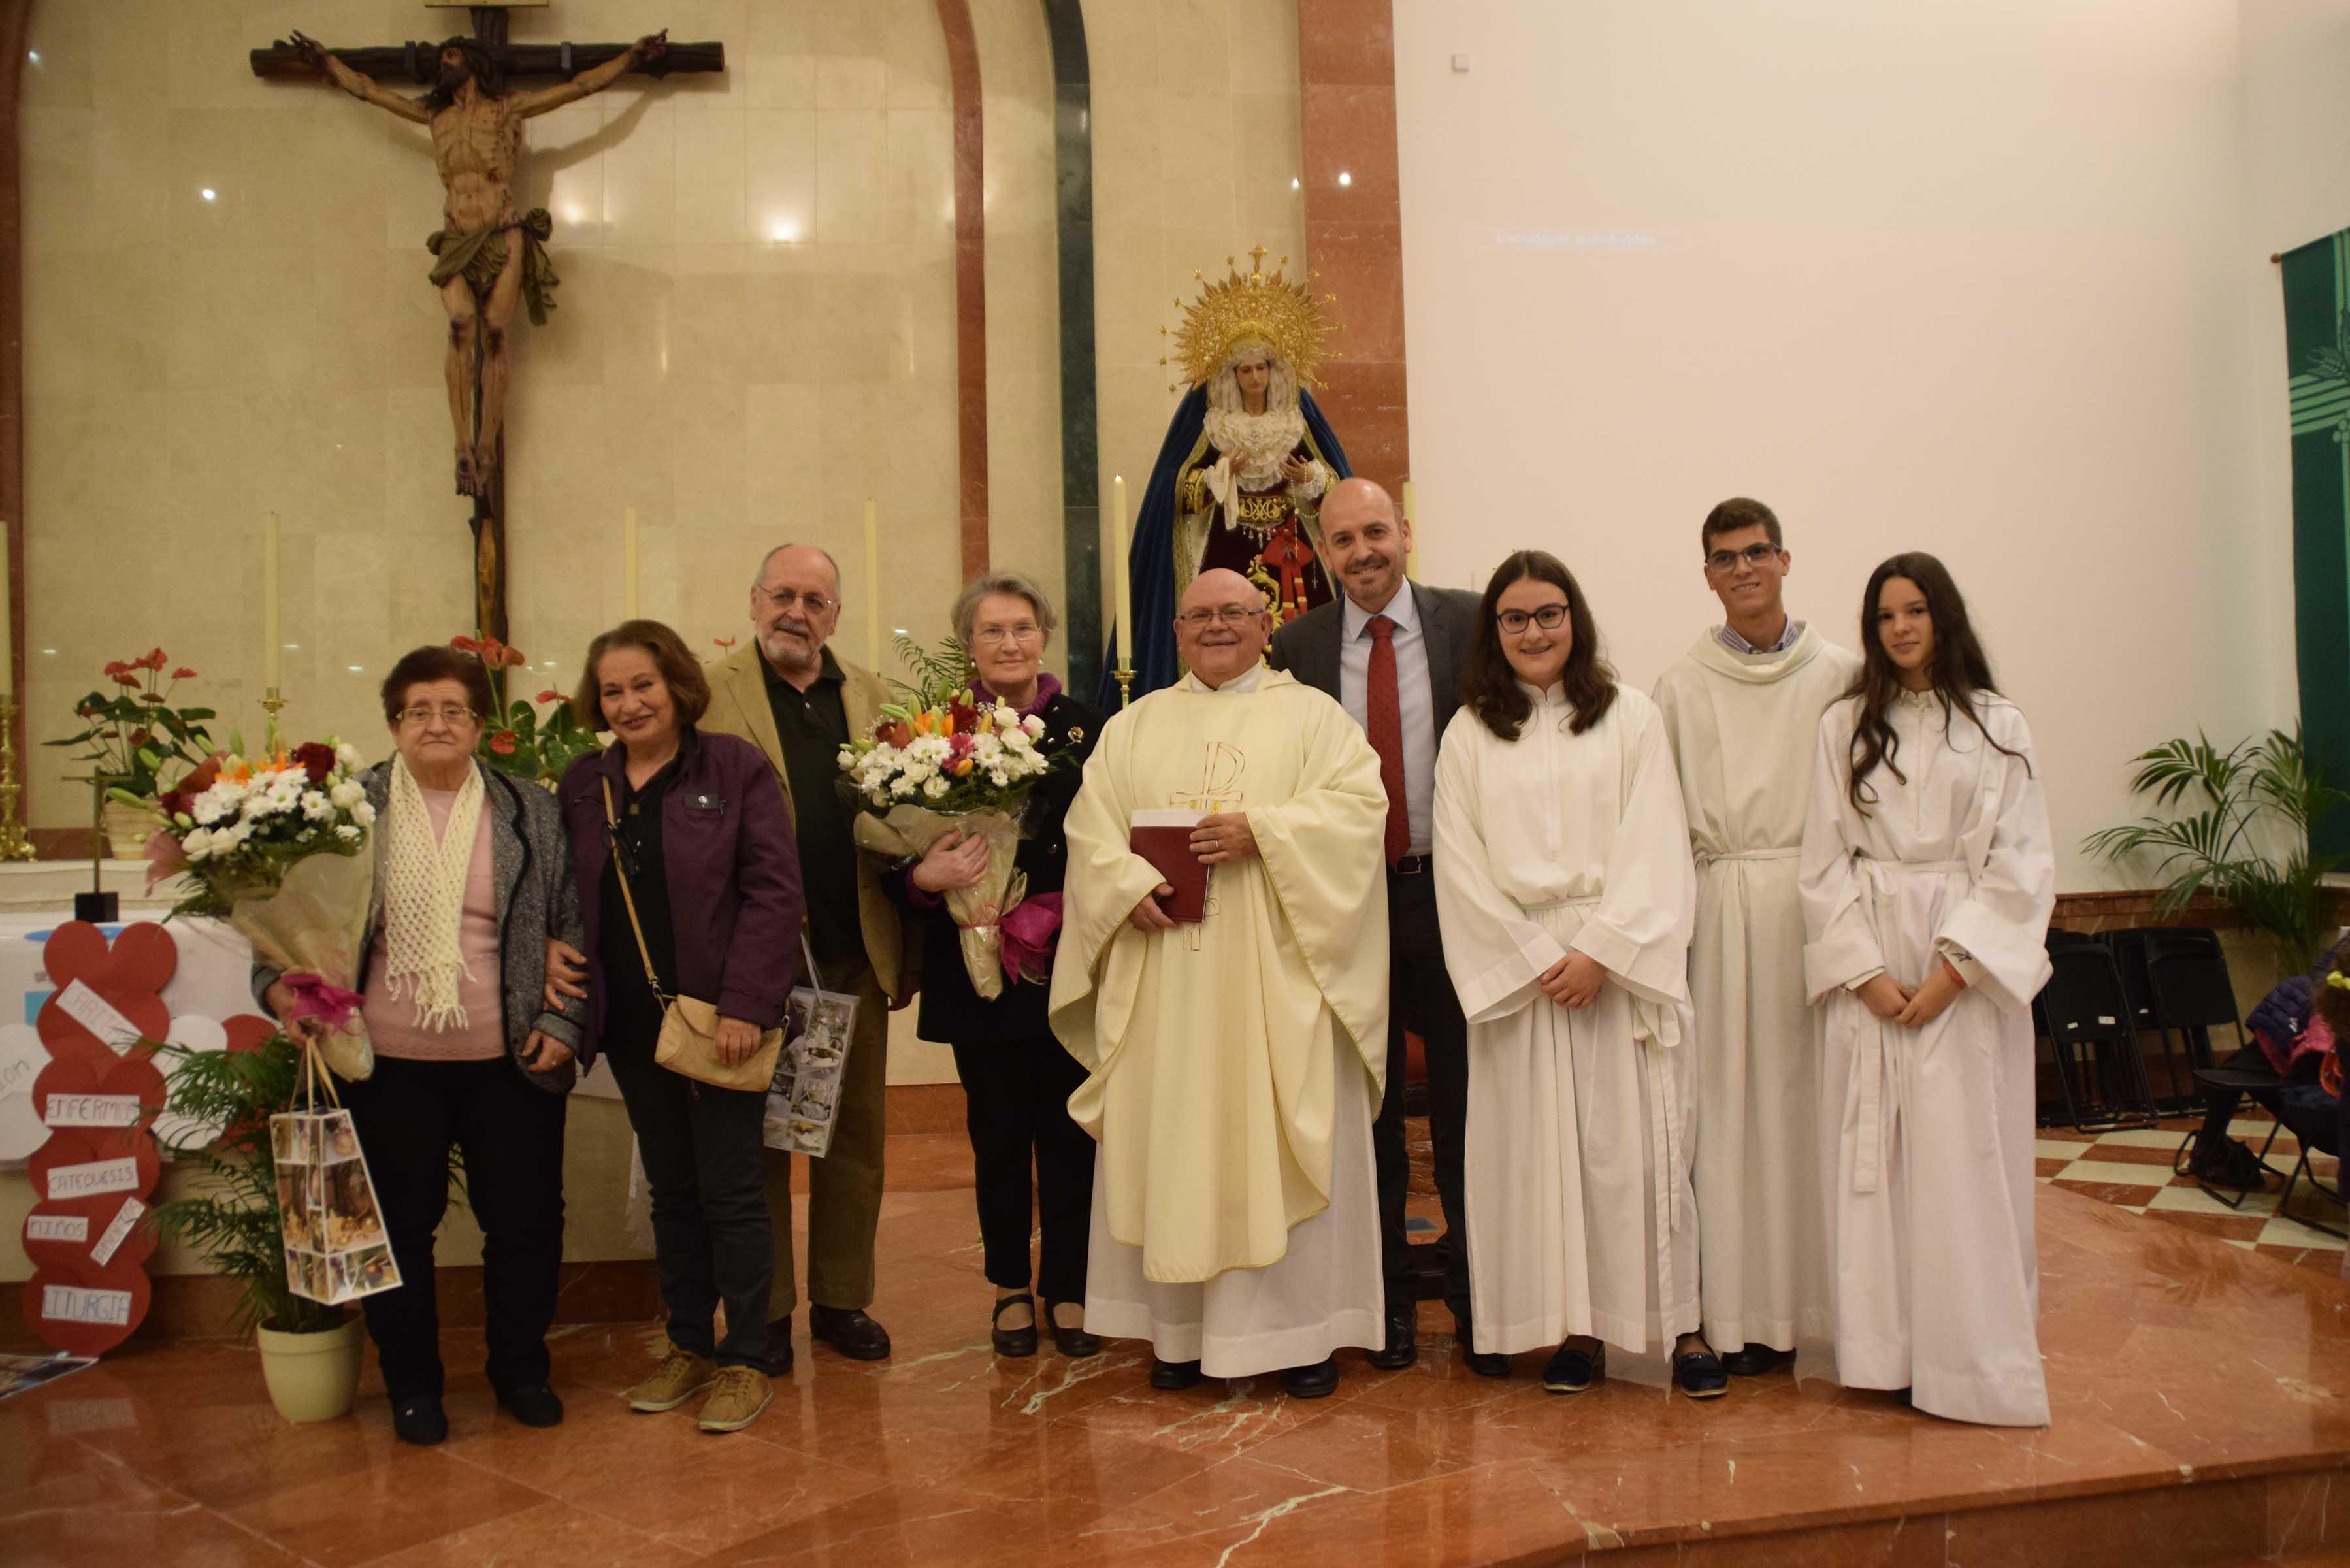 La parroquia de San Isidro celebra su quinto aniversario de consagración